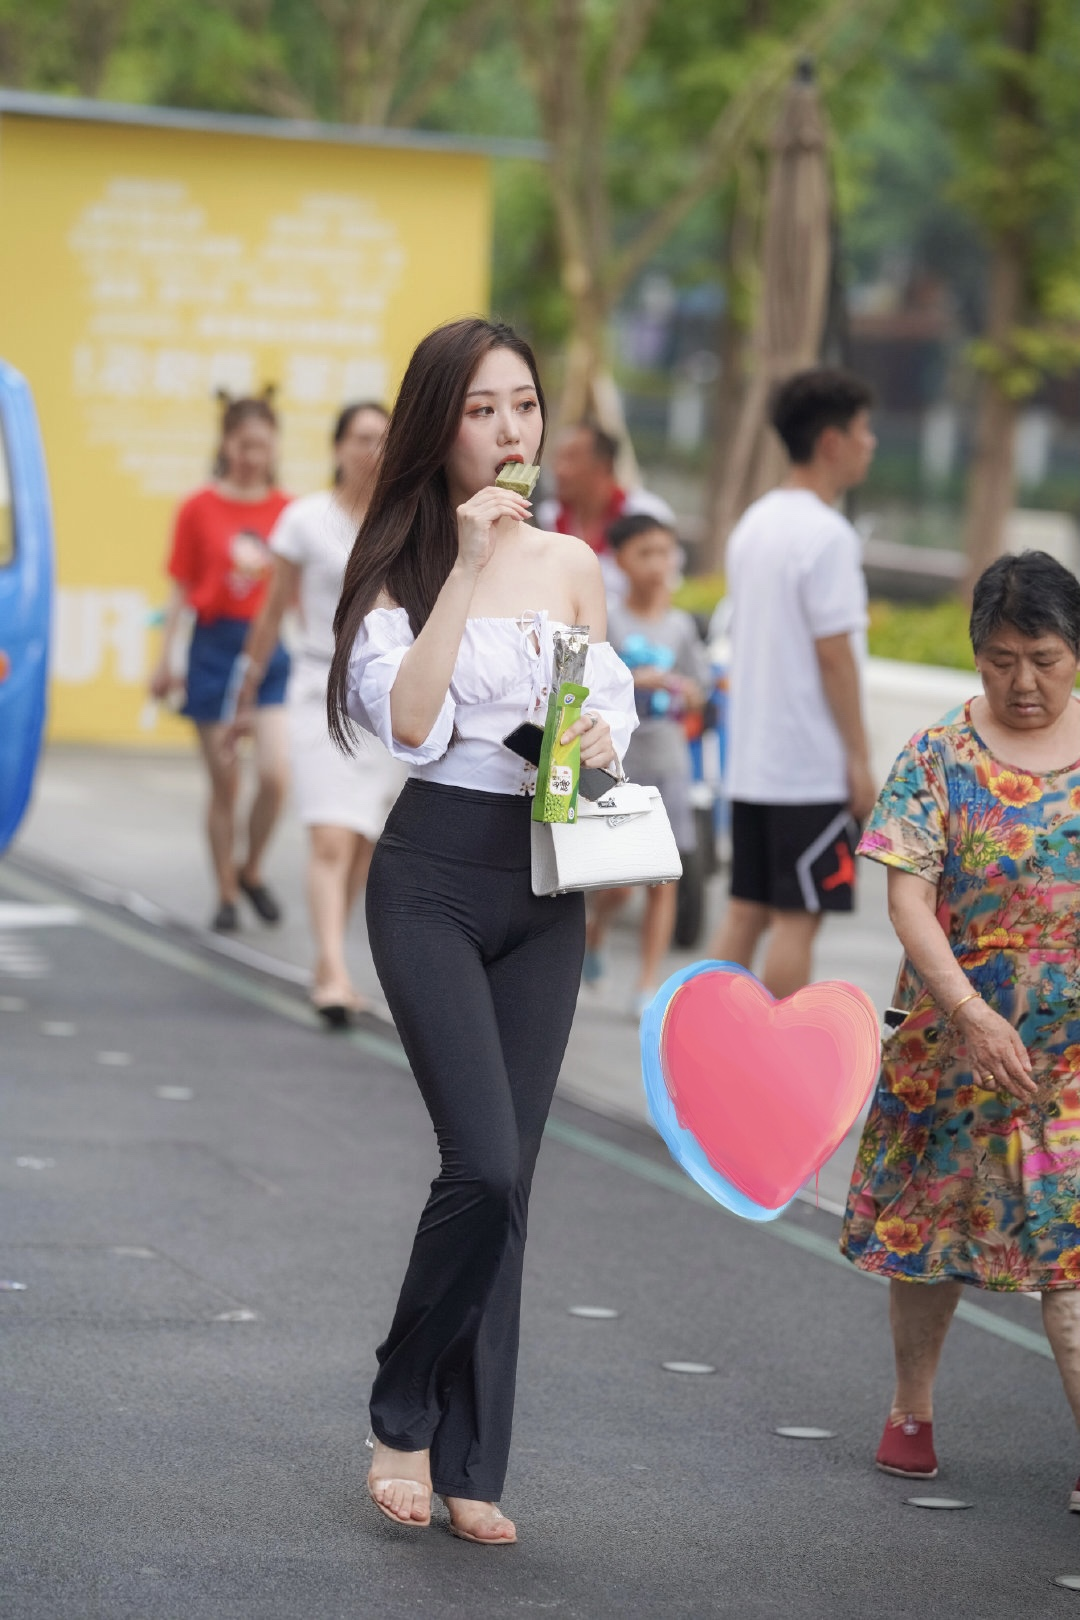 优美有气质的小姐姐穿着玄色喇叭裤搭配白色露肩衬衫出来逛街!_娱乐新闻主持